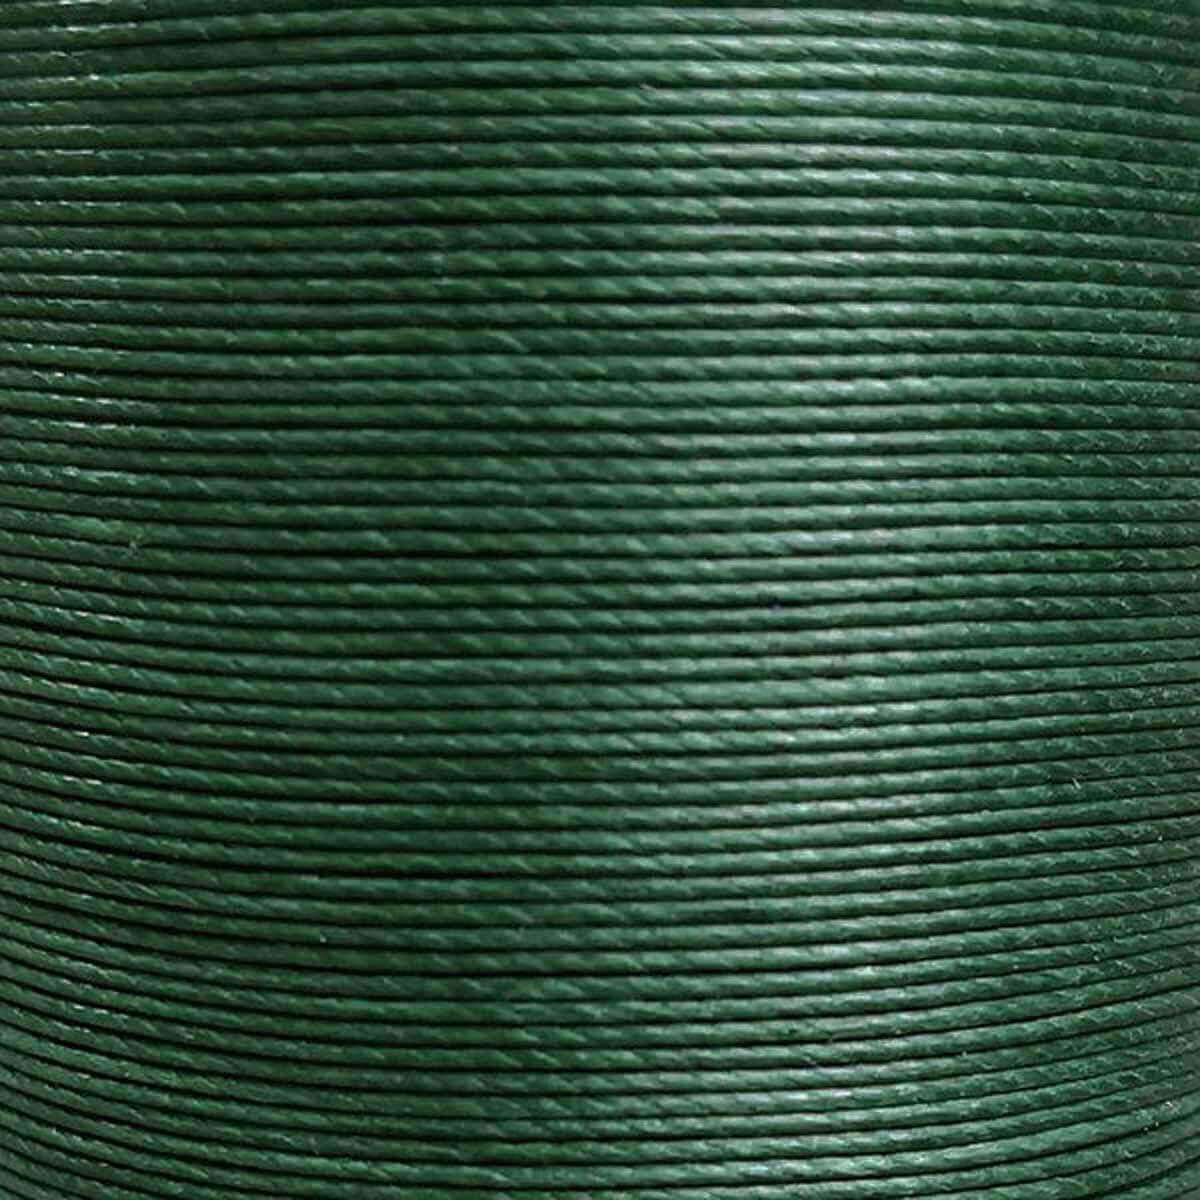 Bobine de 80m de fil de lin ciré MeiSi super fine M50 - 0,55 mm - VERT FONCÉ - MS026